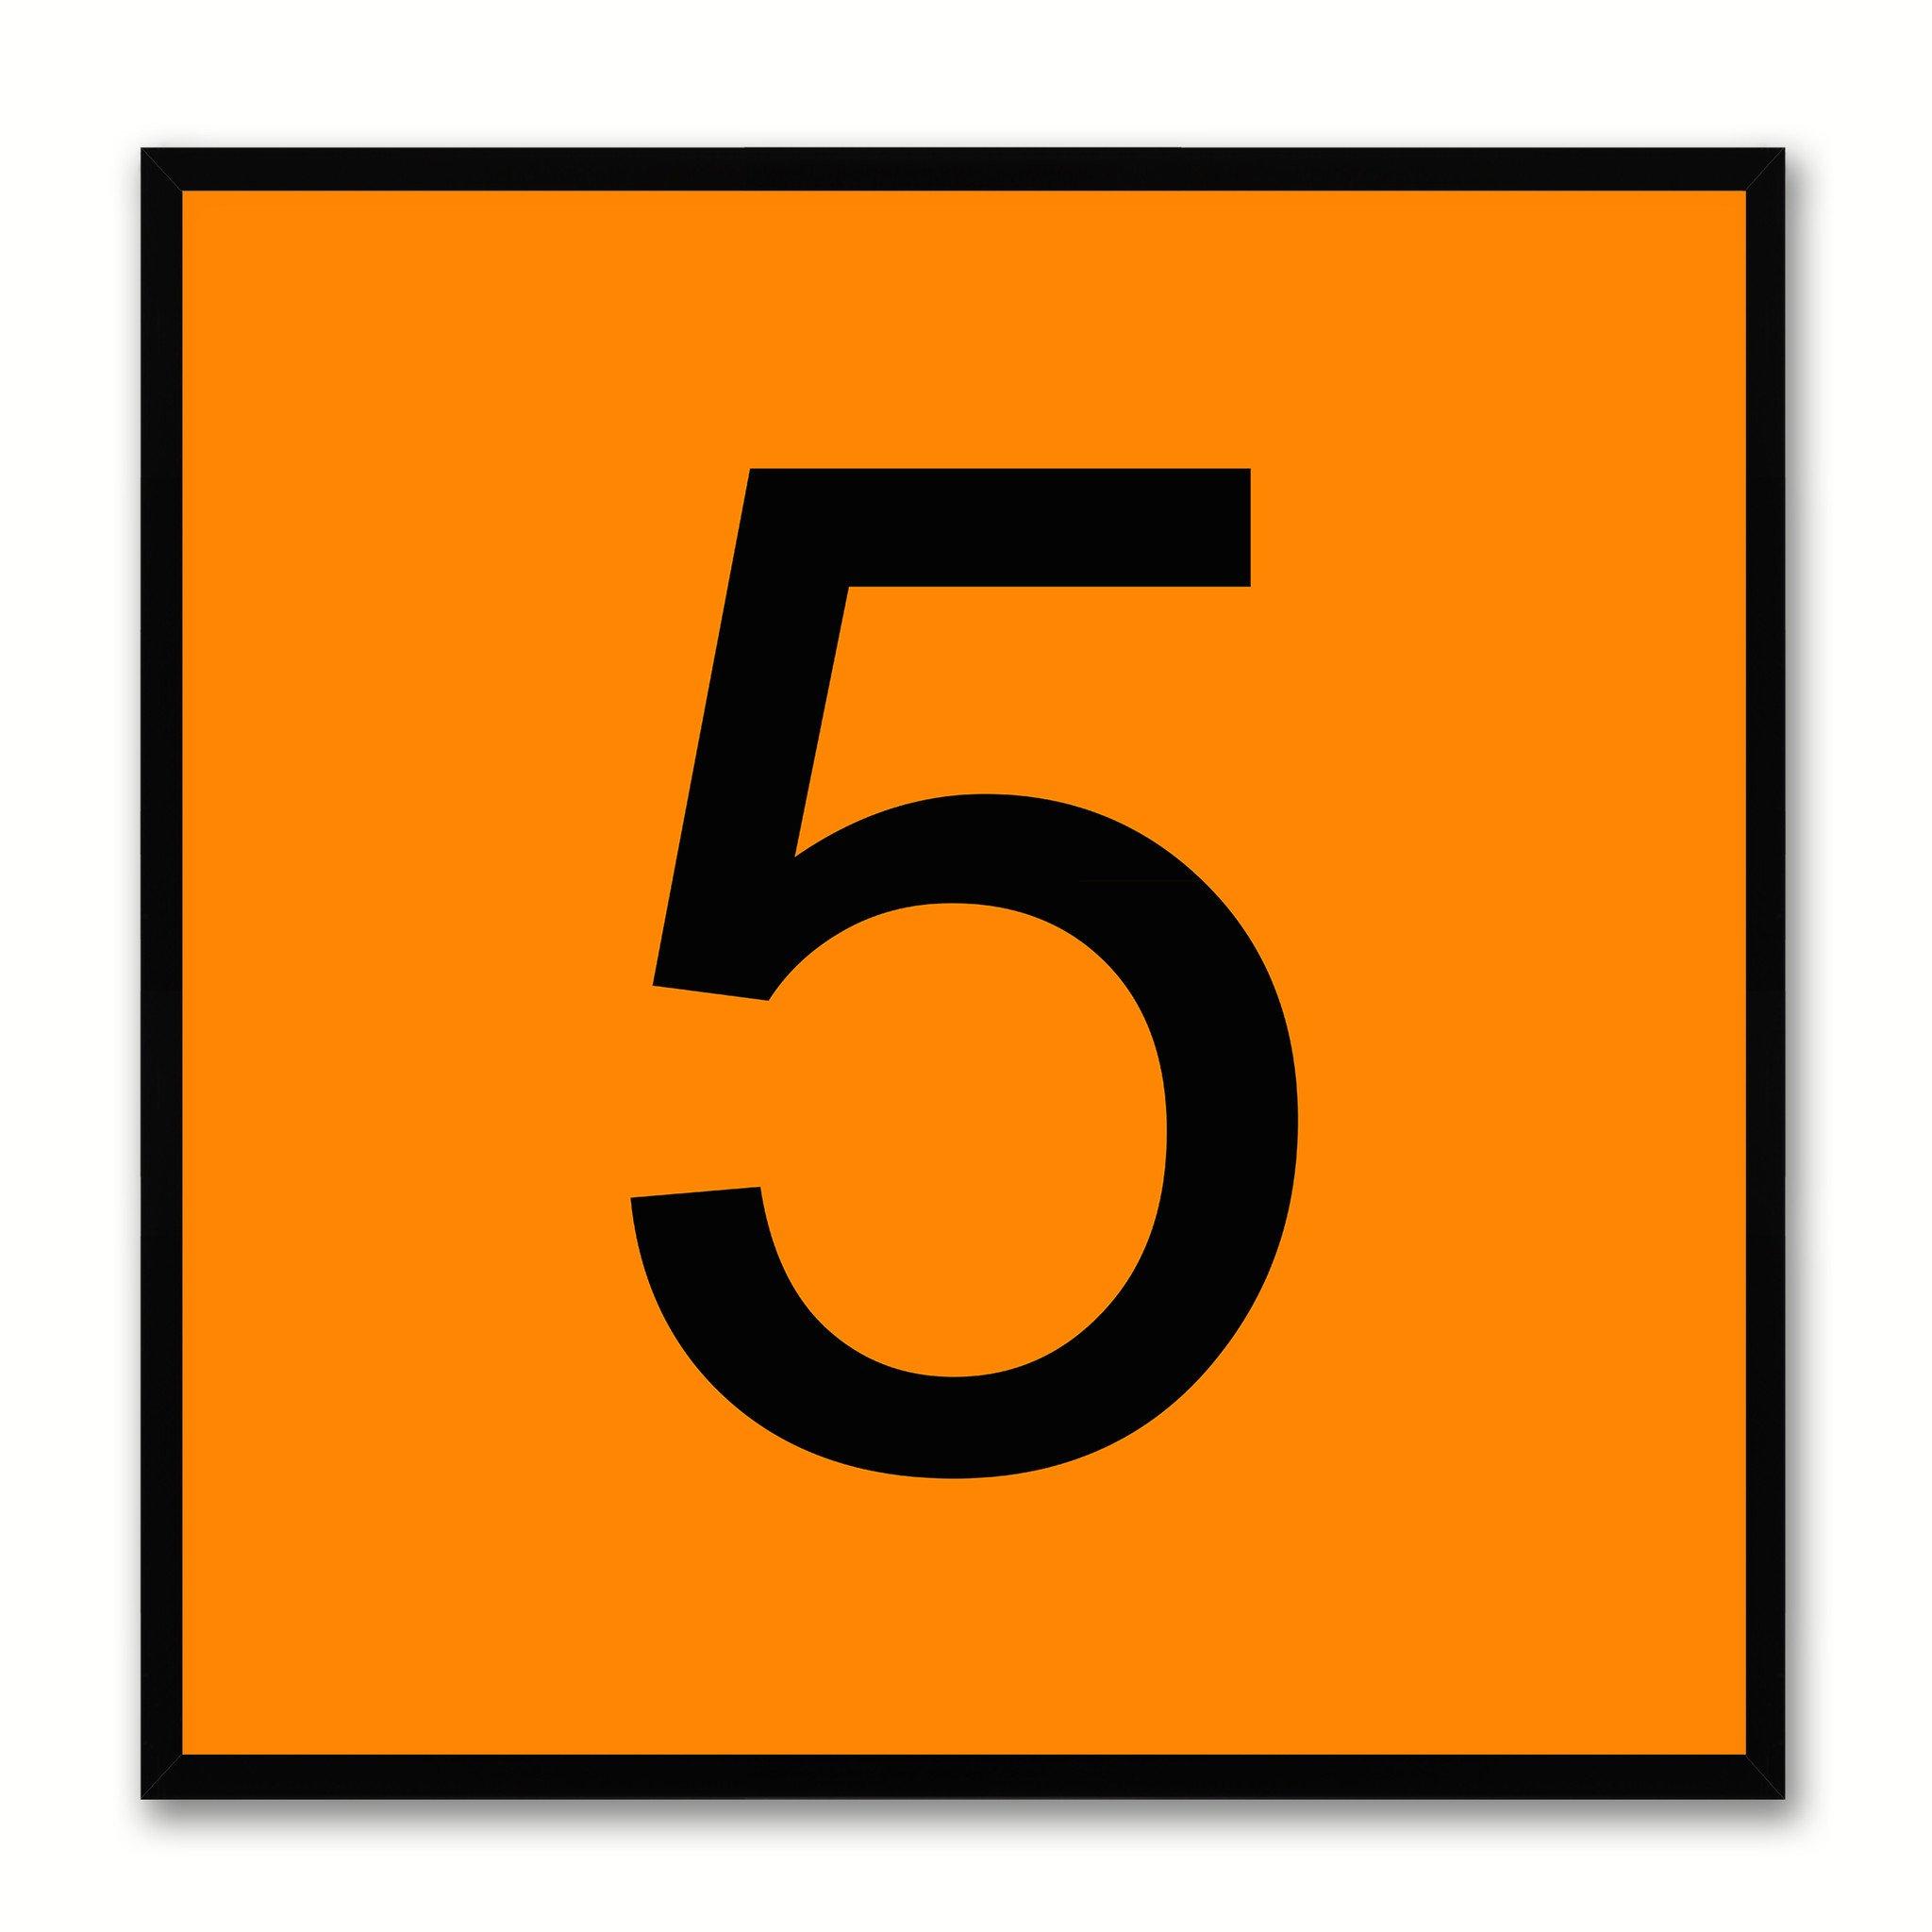 NUMBER 5 BLACK PERSPEX 40MM - Handles Inc.